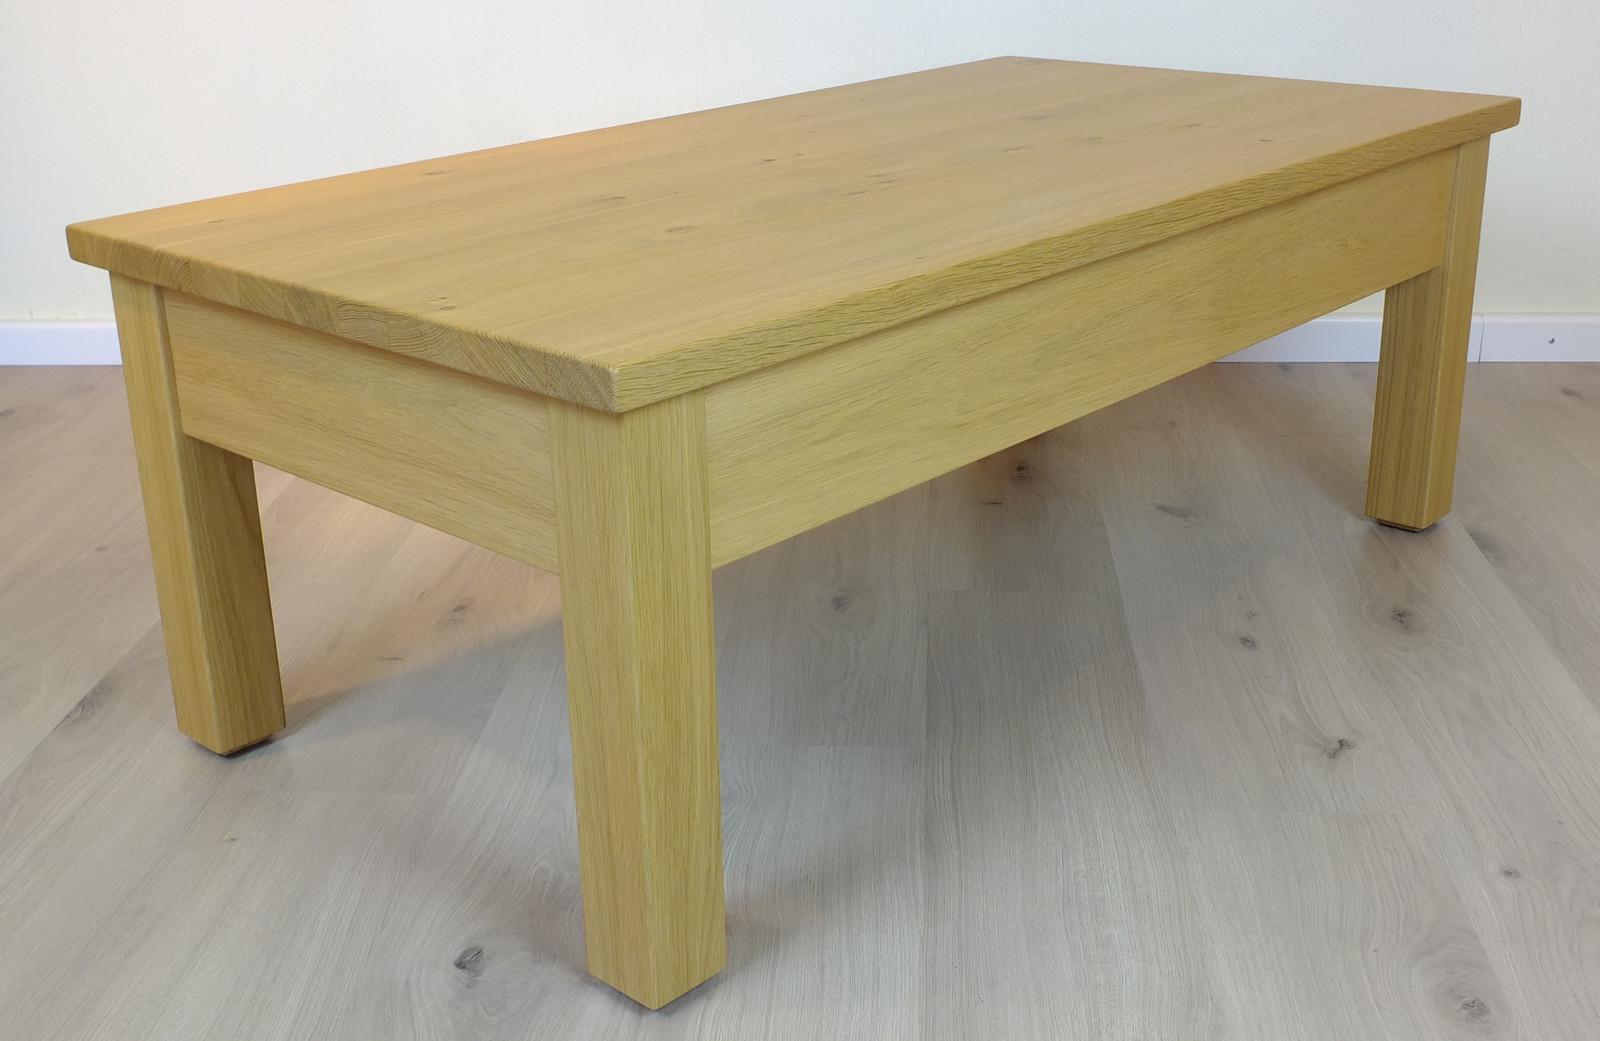 Couchtisch / Wohnzimmertisch / Sofatisch Plato 125 X 65 - Höhe 46 cm, - andere Maße möglich, Eiche, Asteiche, Buche, Kirsche vollmassiv